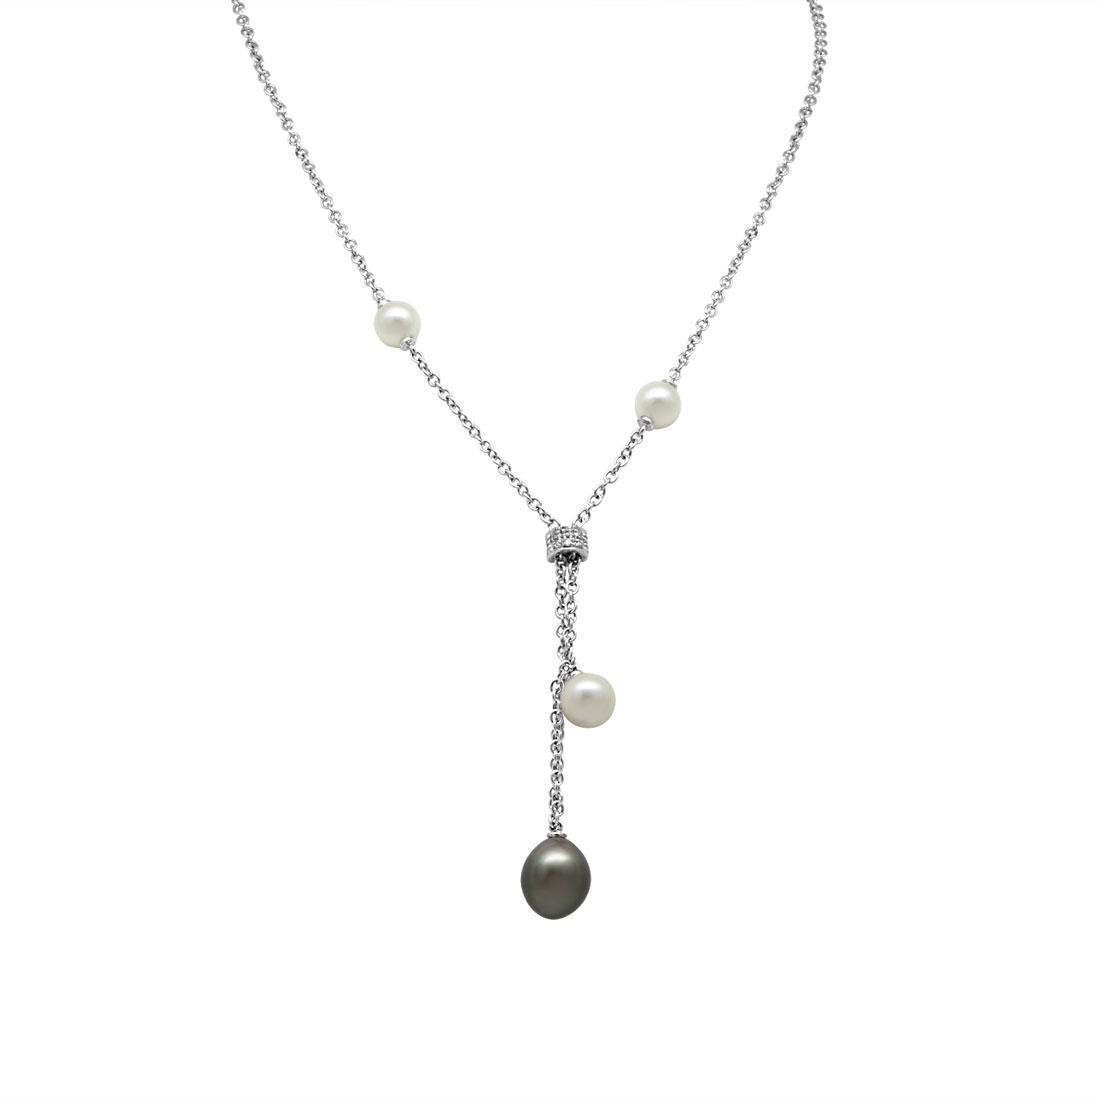 Collana in oro bianco con diamanti ct 0.07 e perle, lunghezza 44cm + 4cm - SALVINI